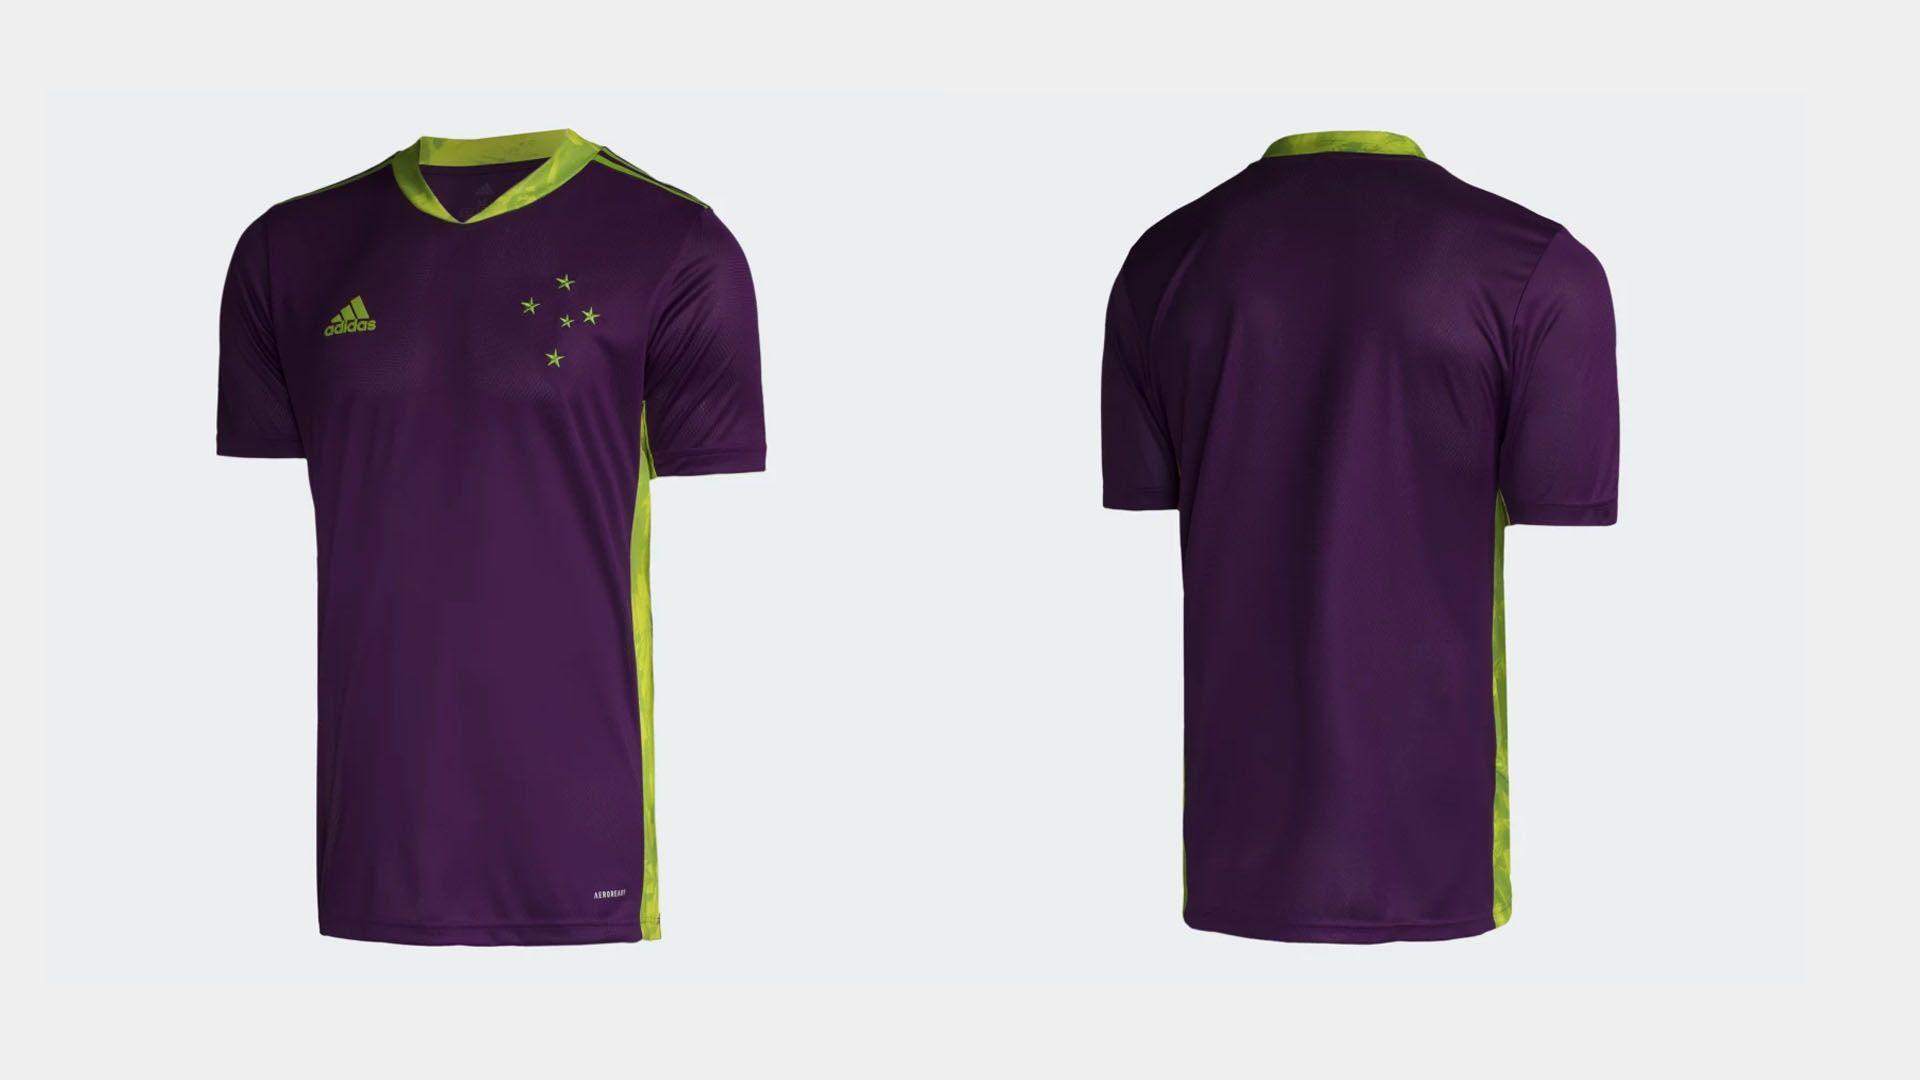 Camisa do Cruzeiro 2020 Adidas Goleiro 2 (Imagem: Divulgação/Adidas)